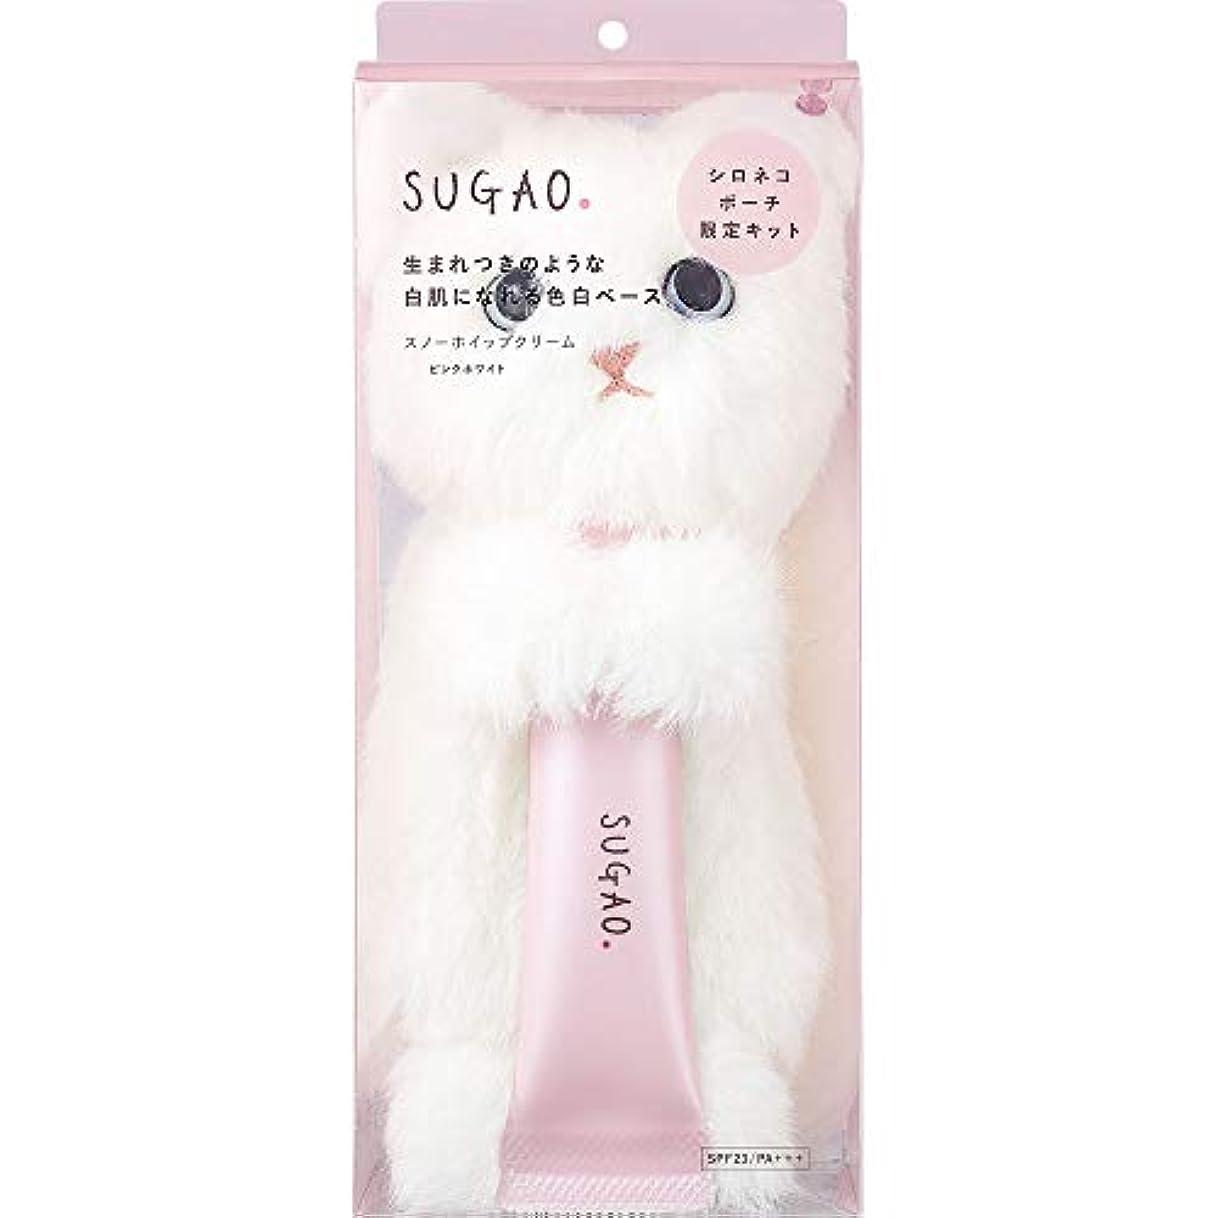 刃変える負荷スガオ (SUGAO) 化粧下地 スノーホイップクリーム シロネコポーチ付き